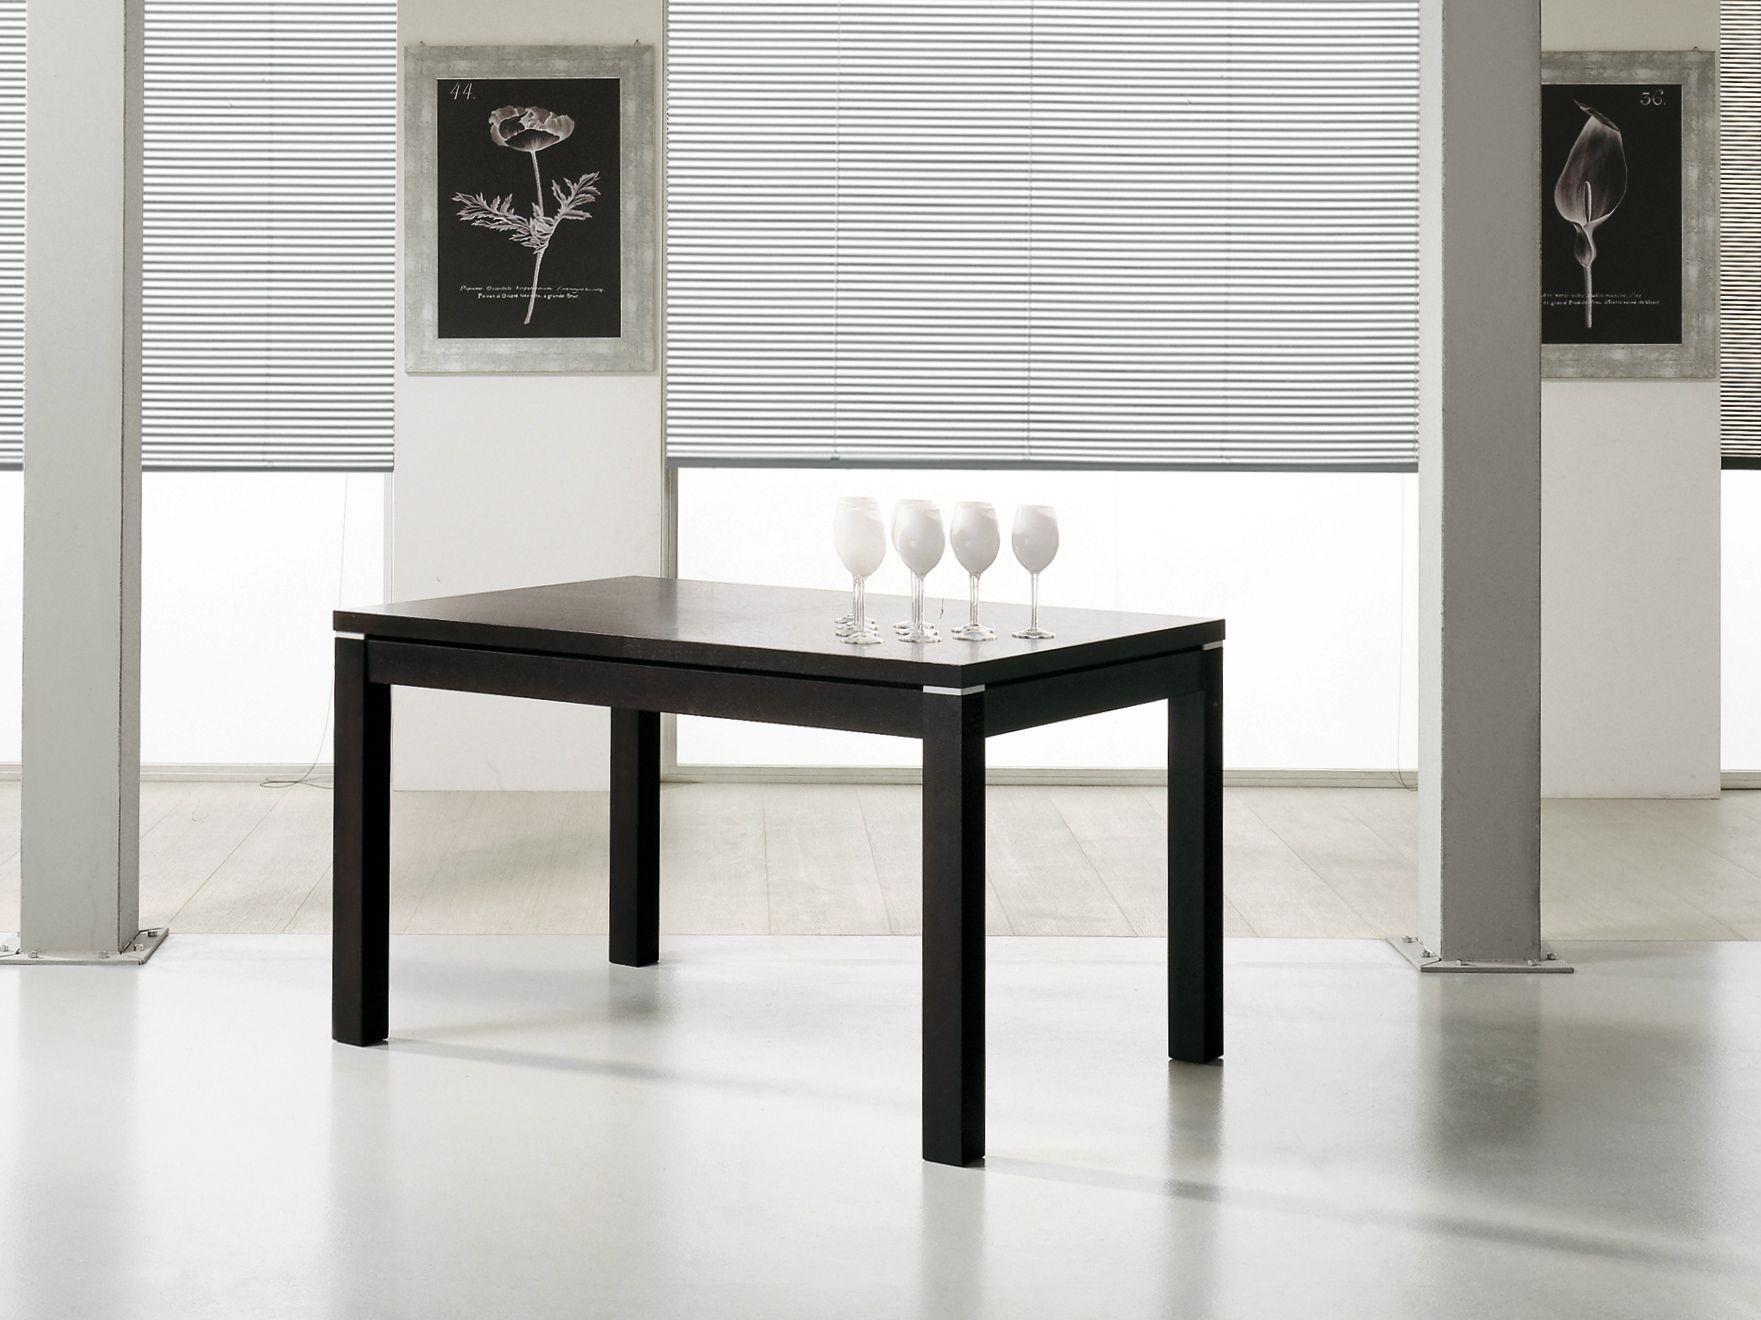 Arredo Tavoli E Sedie Tavoli #6F6A5C 1761 1320 Mantovane Per Sala Da Pranzo